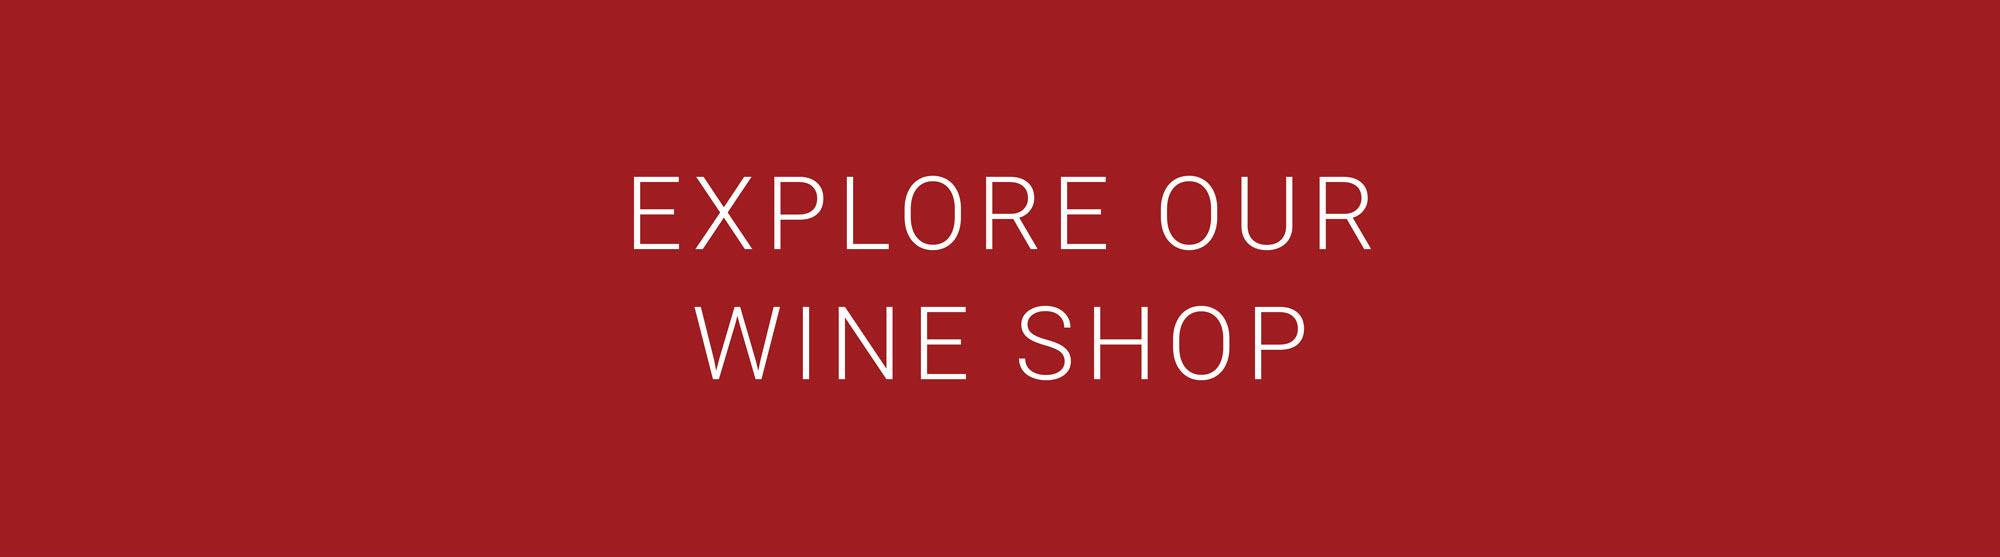 wine-shop-banner.jpg